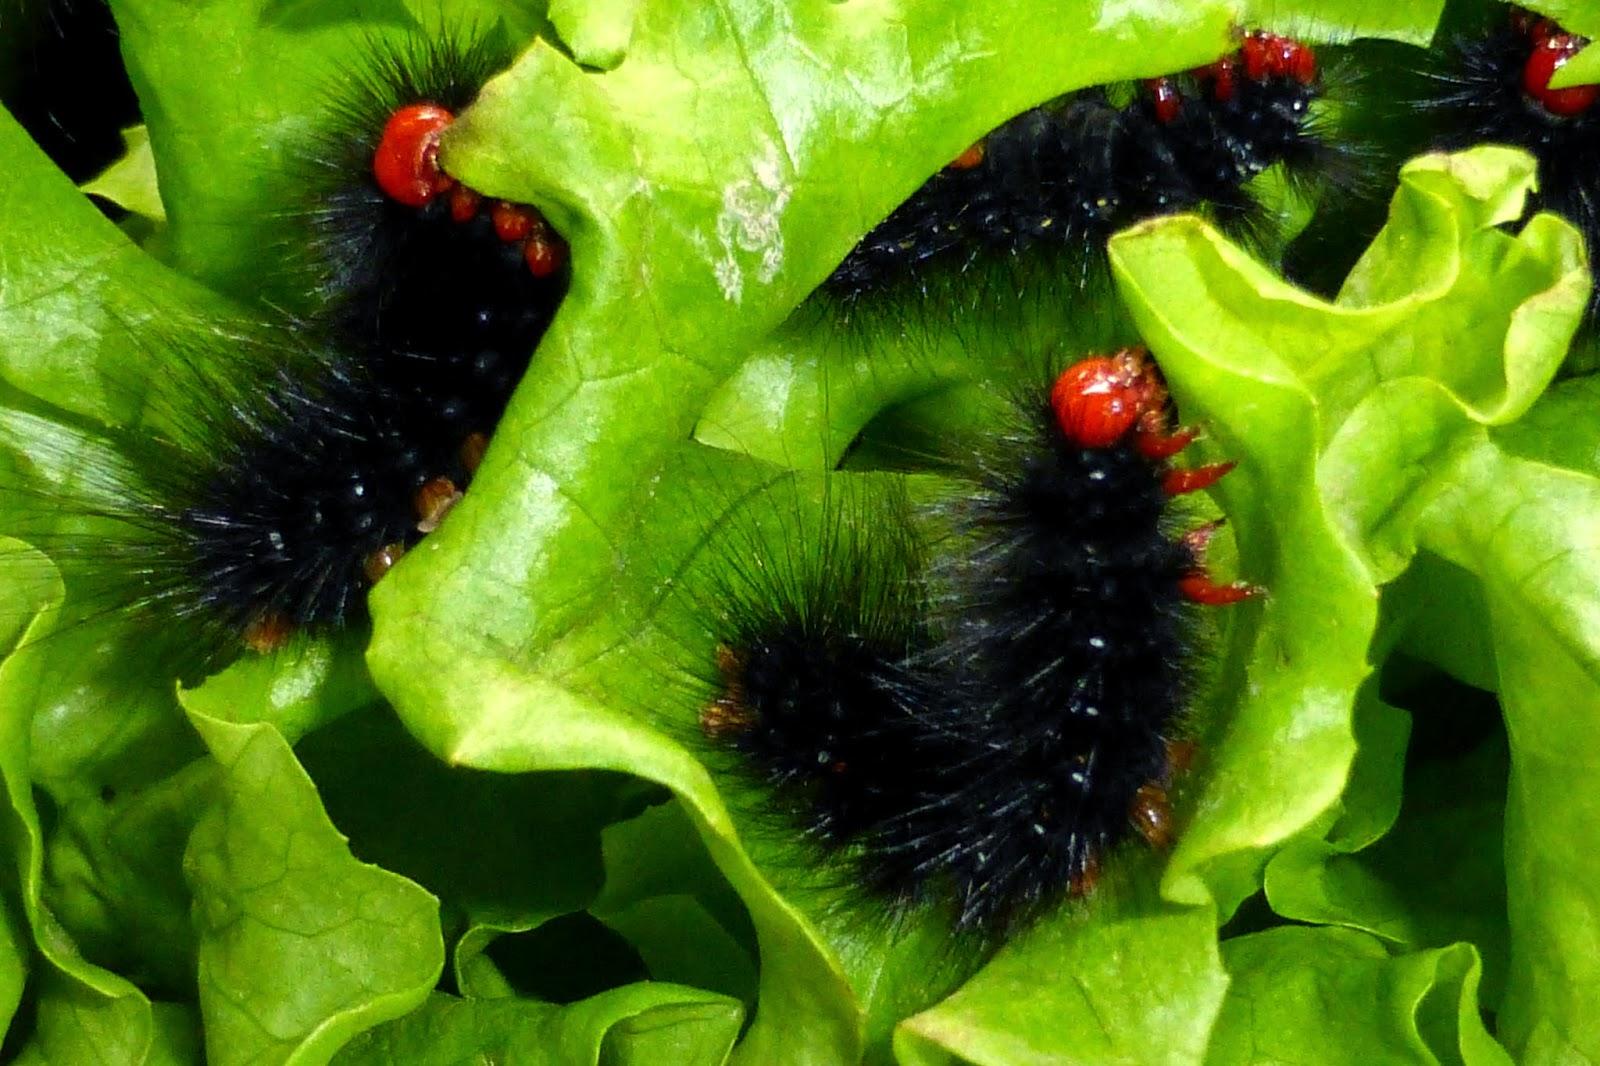 Radiarctia lutescens caterpillar